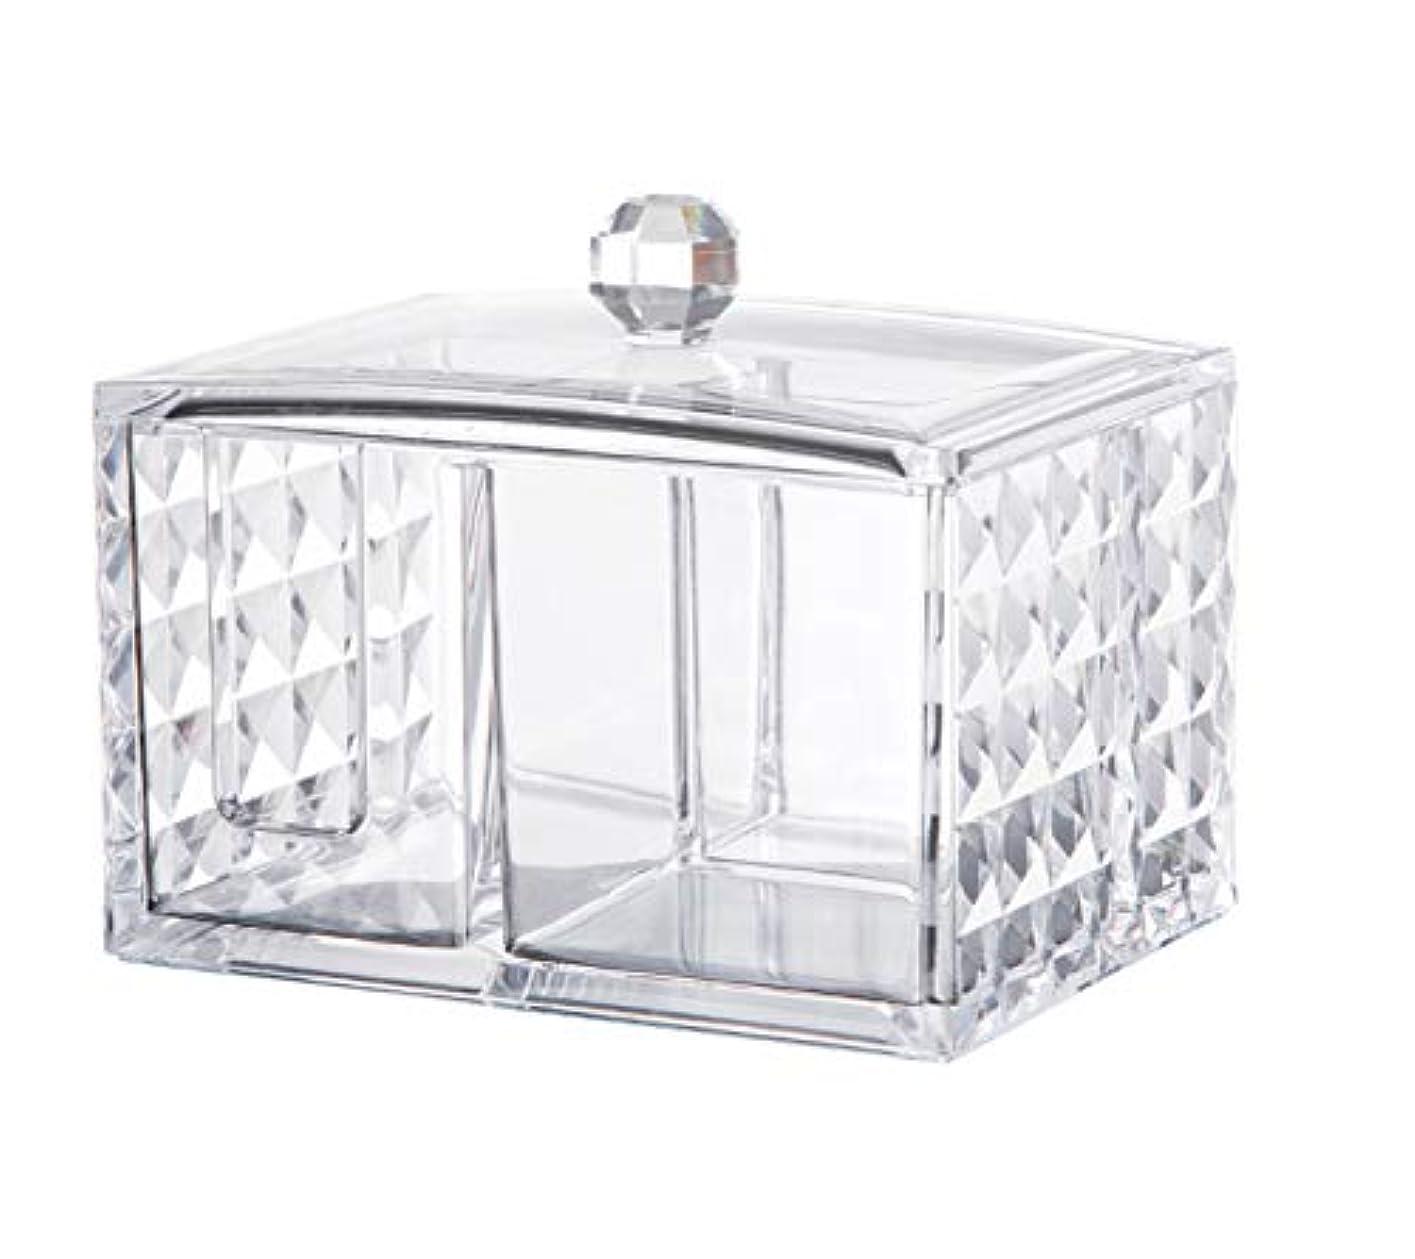 夕食を食べる用語集達成CUAFID アクリルケース コスメ収納ボックス コットン 綿棒 小物 メイクケース ジュエリーボックス 蓋付き アクリル製 透明 …